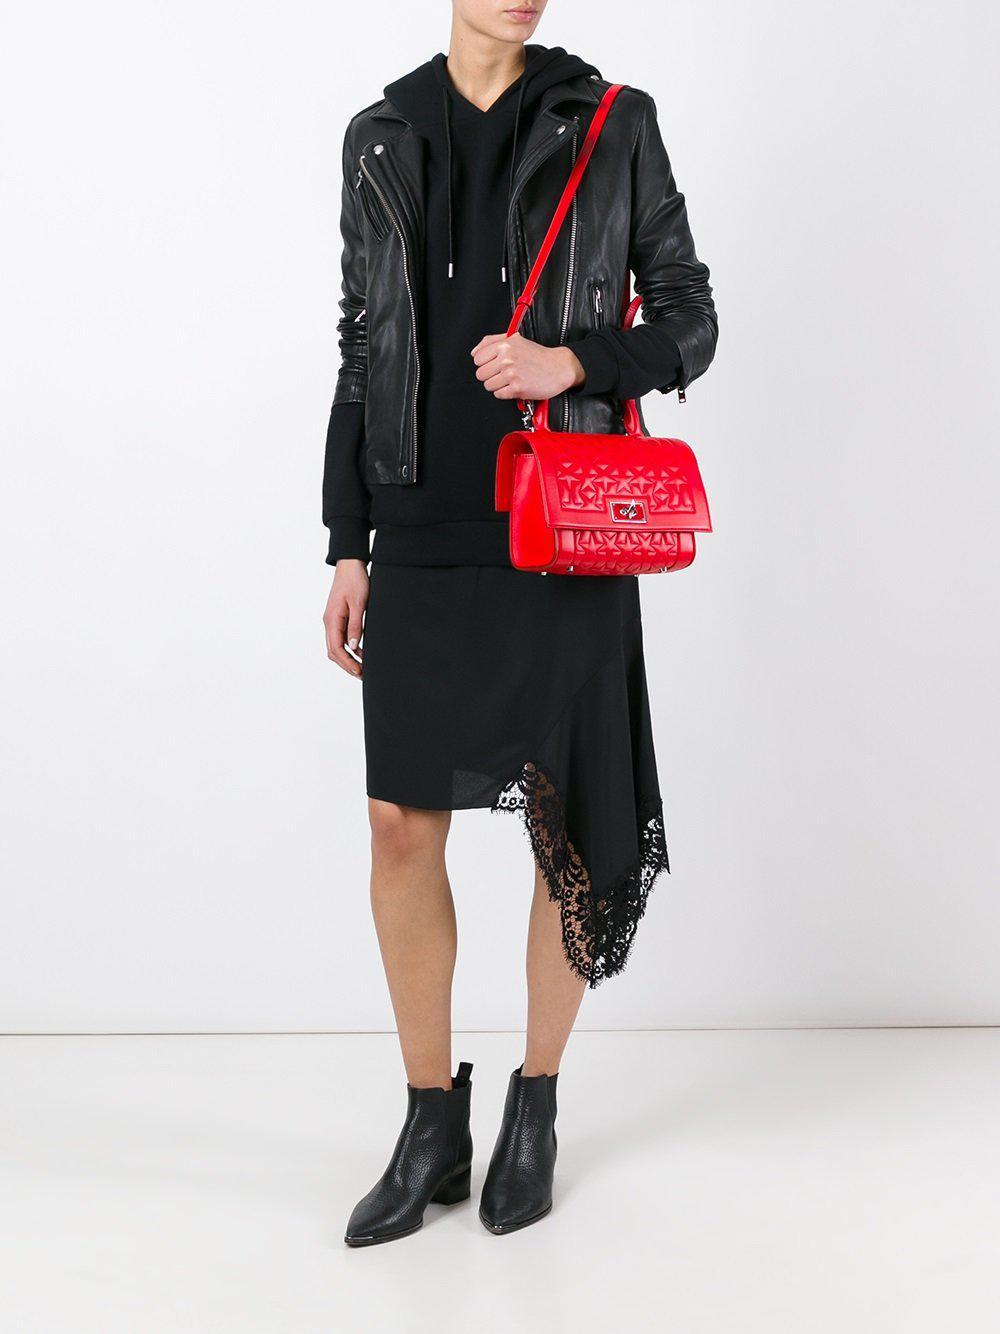 Givenchy Rouge Lyst Sac Mini Épaule Coloris Shark En Porté tsQCrdh